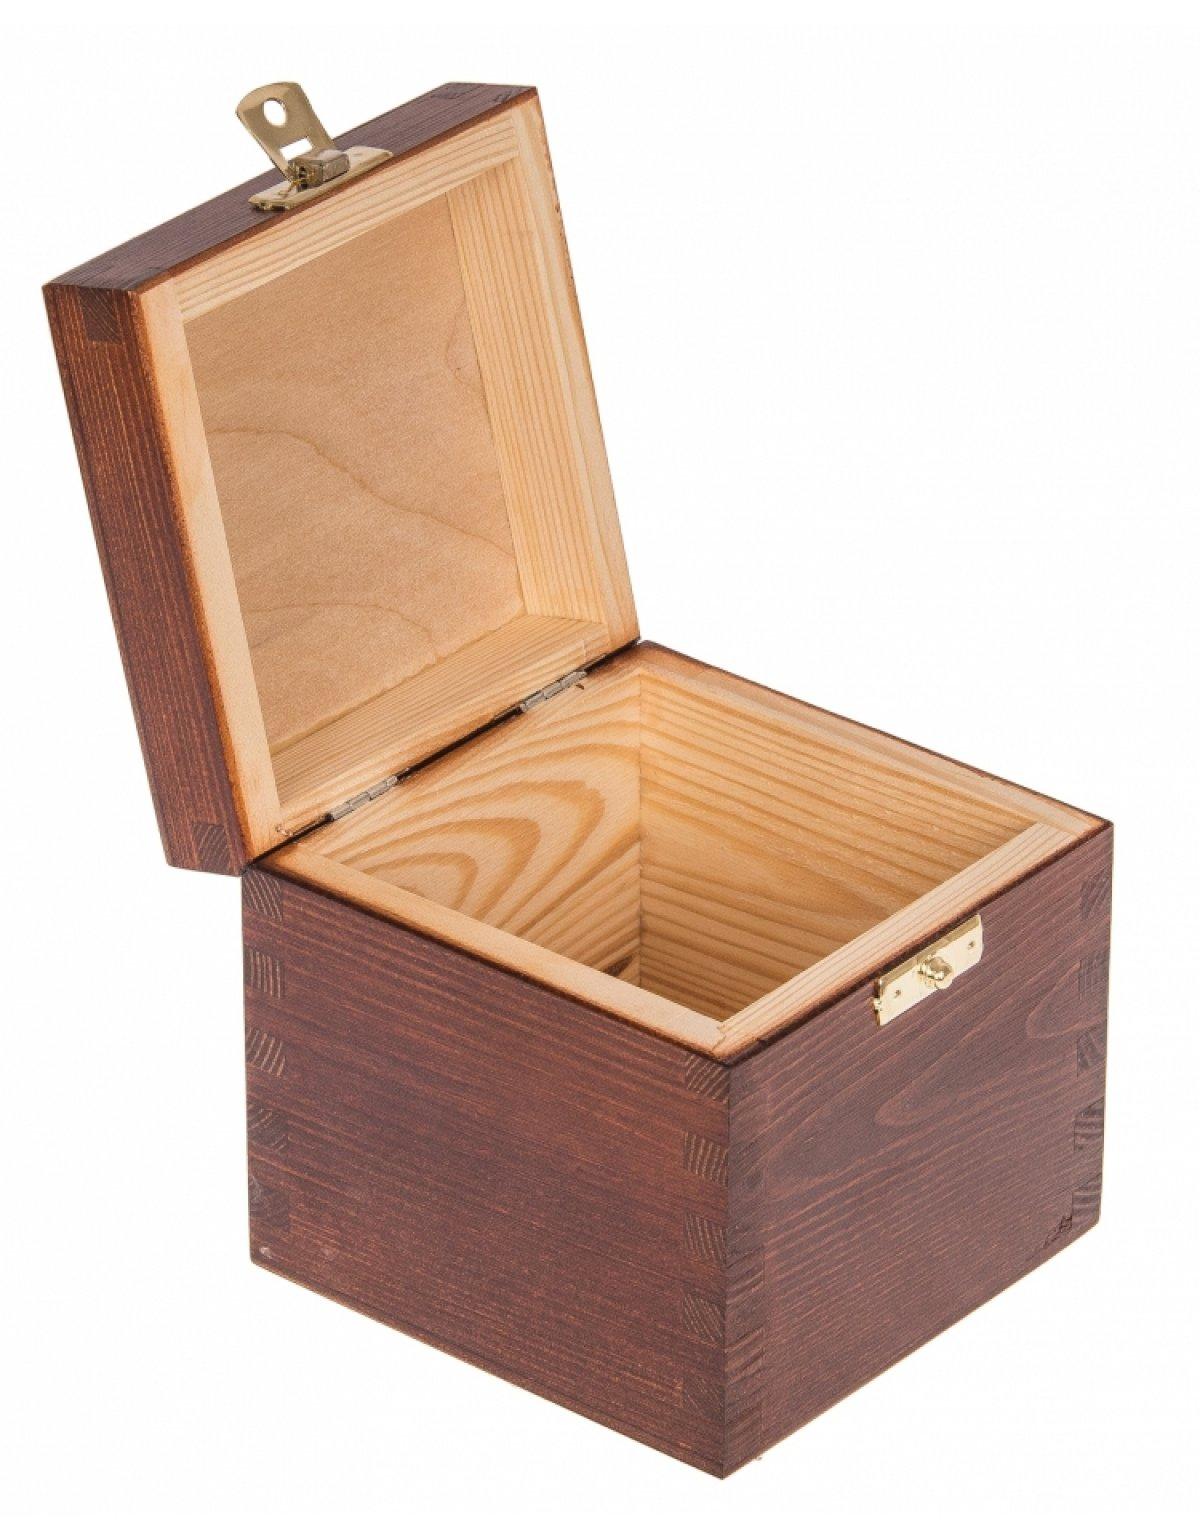 Krabička dřevěná 11x11x10,7 cm - ořech - zapínání